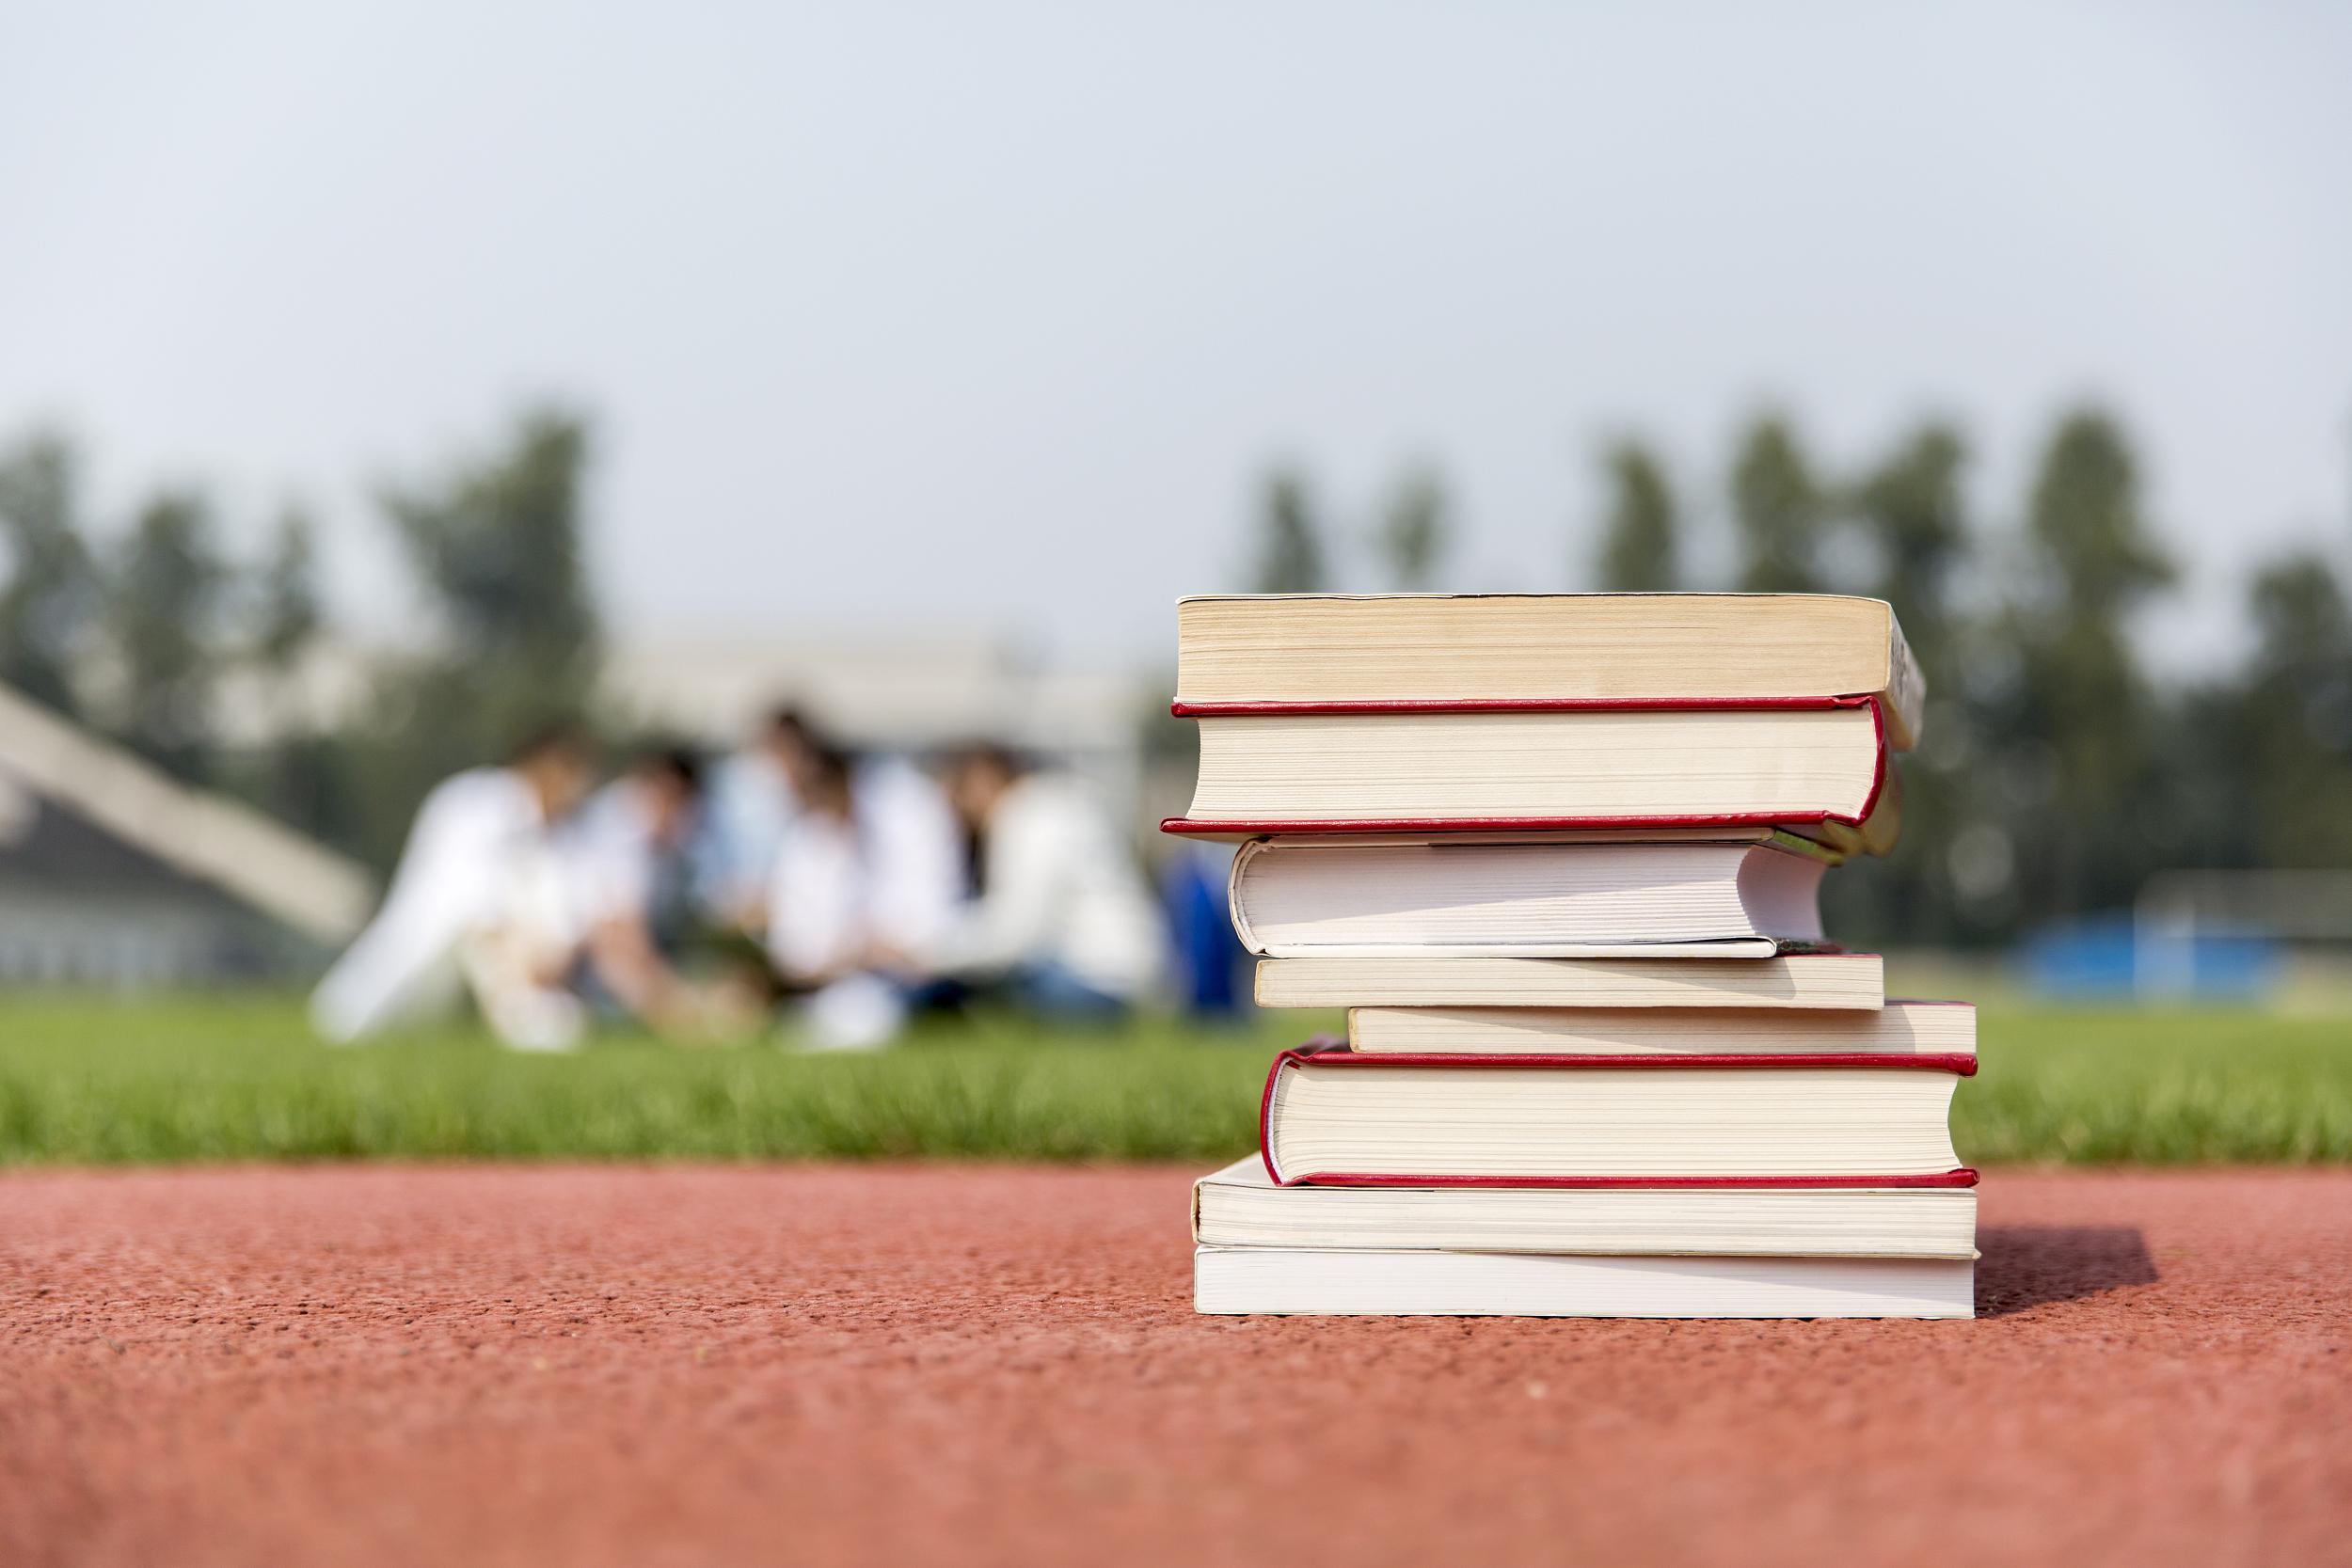 暑假学习累到坚持不住,可以看看这篇文章